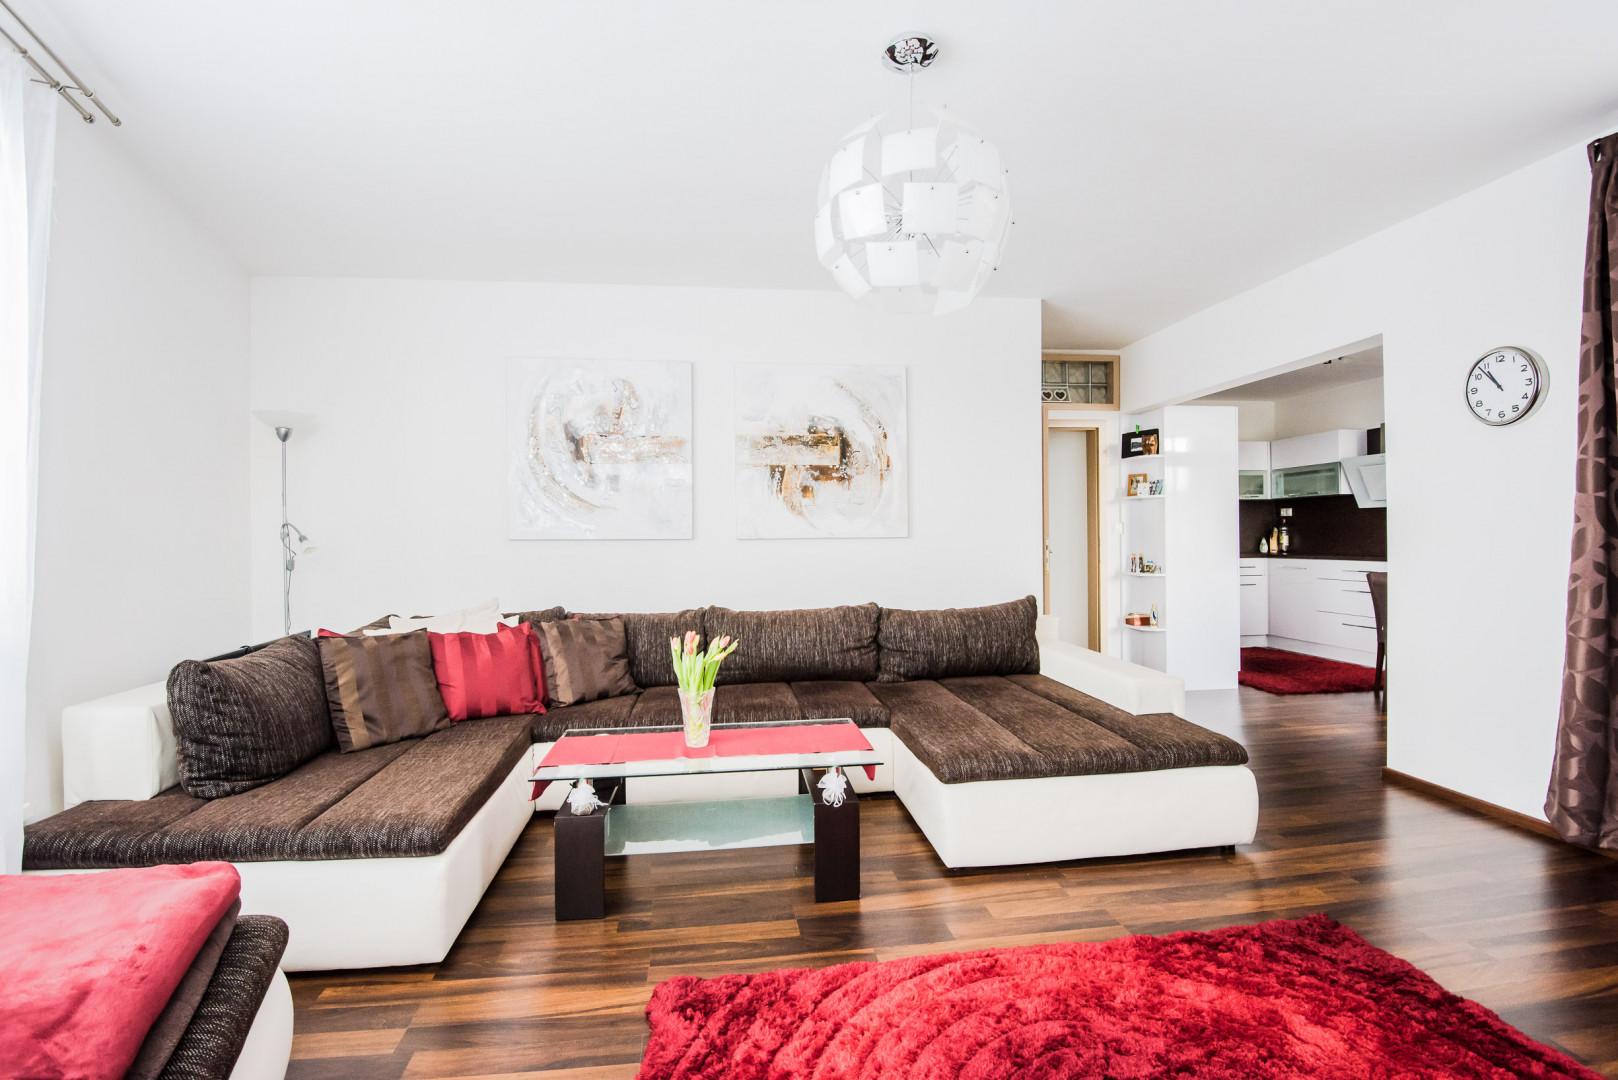 Byt, 4 - izbový, 110.07m2, Bratislava IV -Lamač, Bakošová ulica